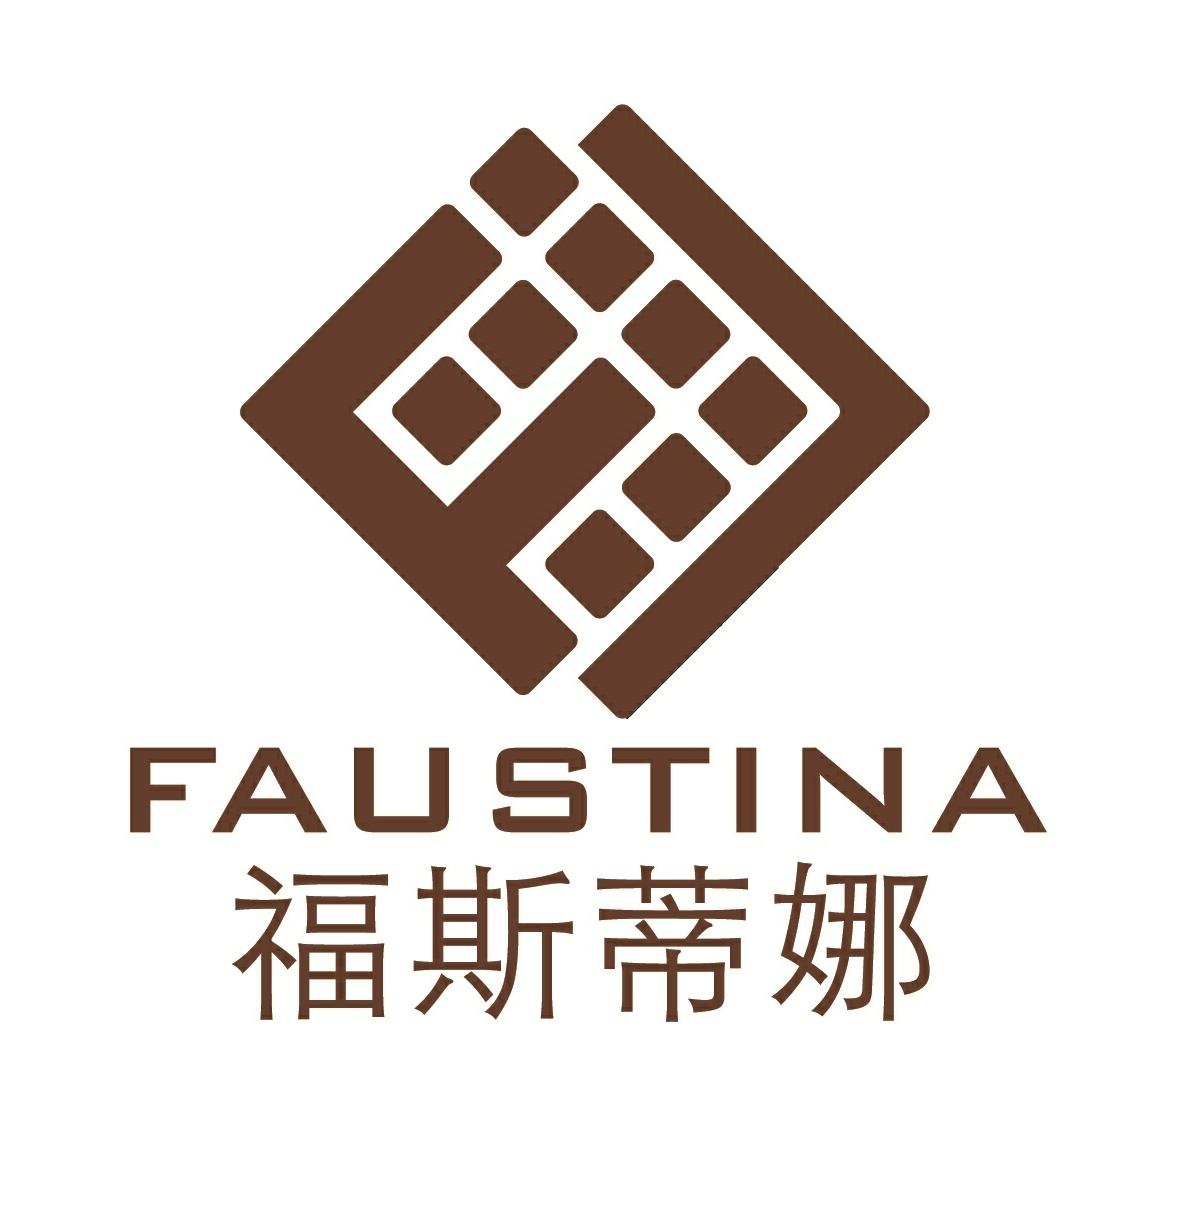 江苏福斯蒂娜生物科技有限公司